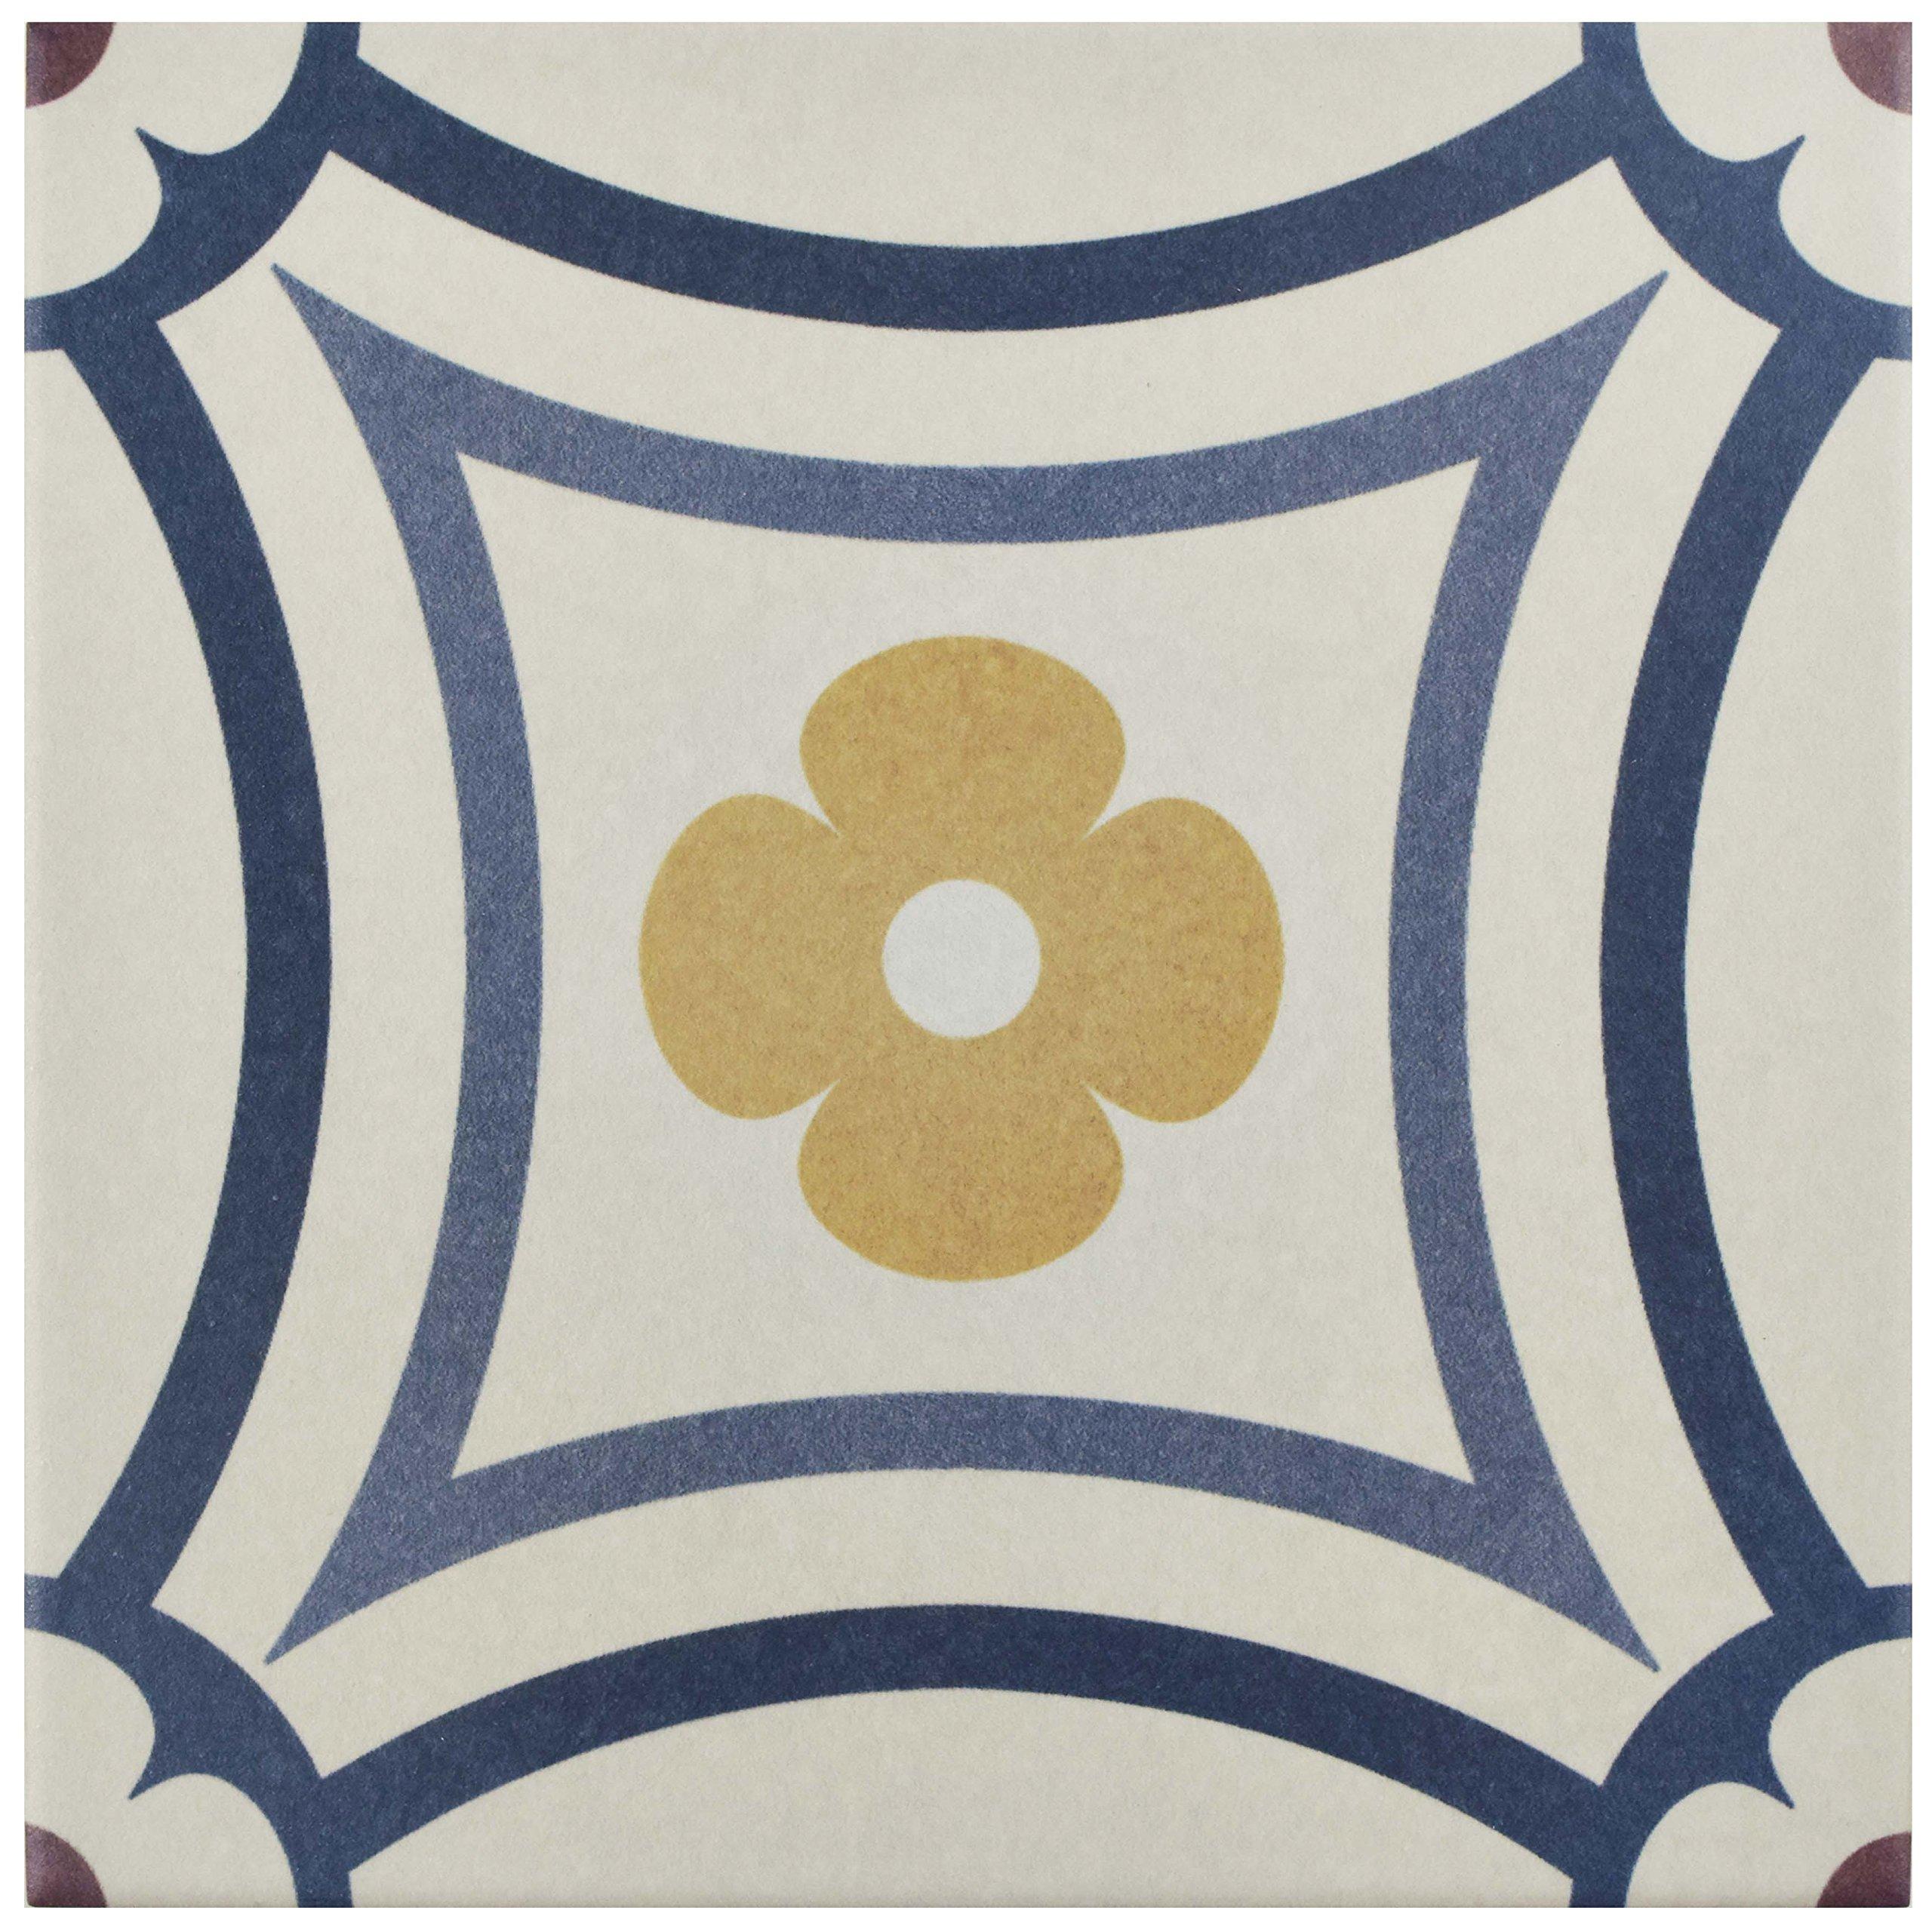 SomerTile FEQ8CAST FEQ8CPBT Anacapri Porcelain Floor and Wall Tile, 7.875'' x 7.875'', Saint Tropez, 25 Piece